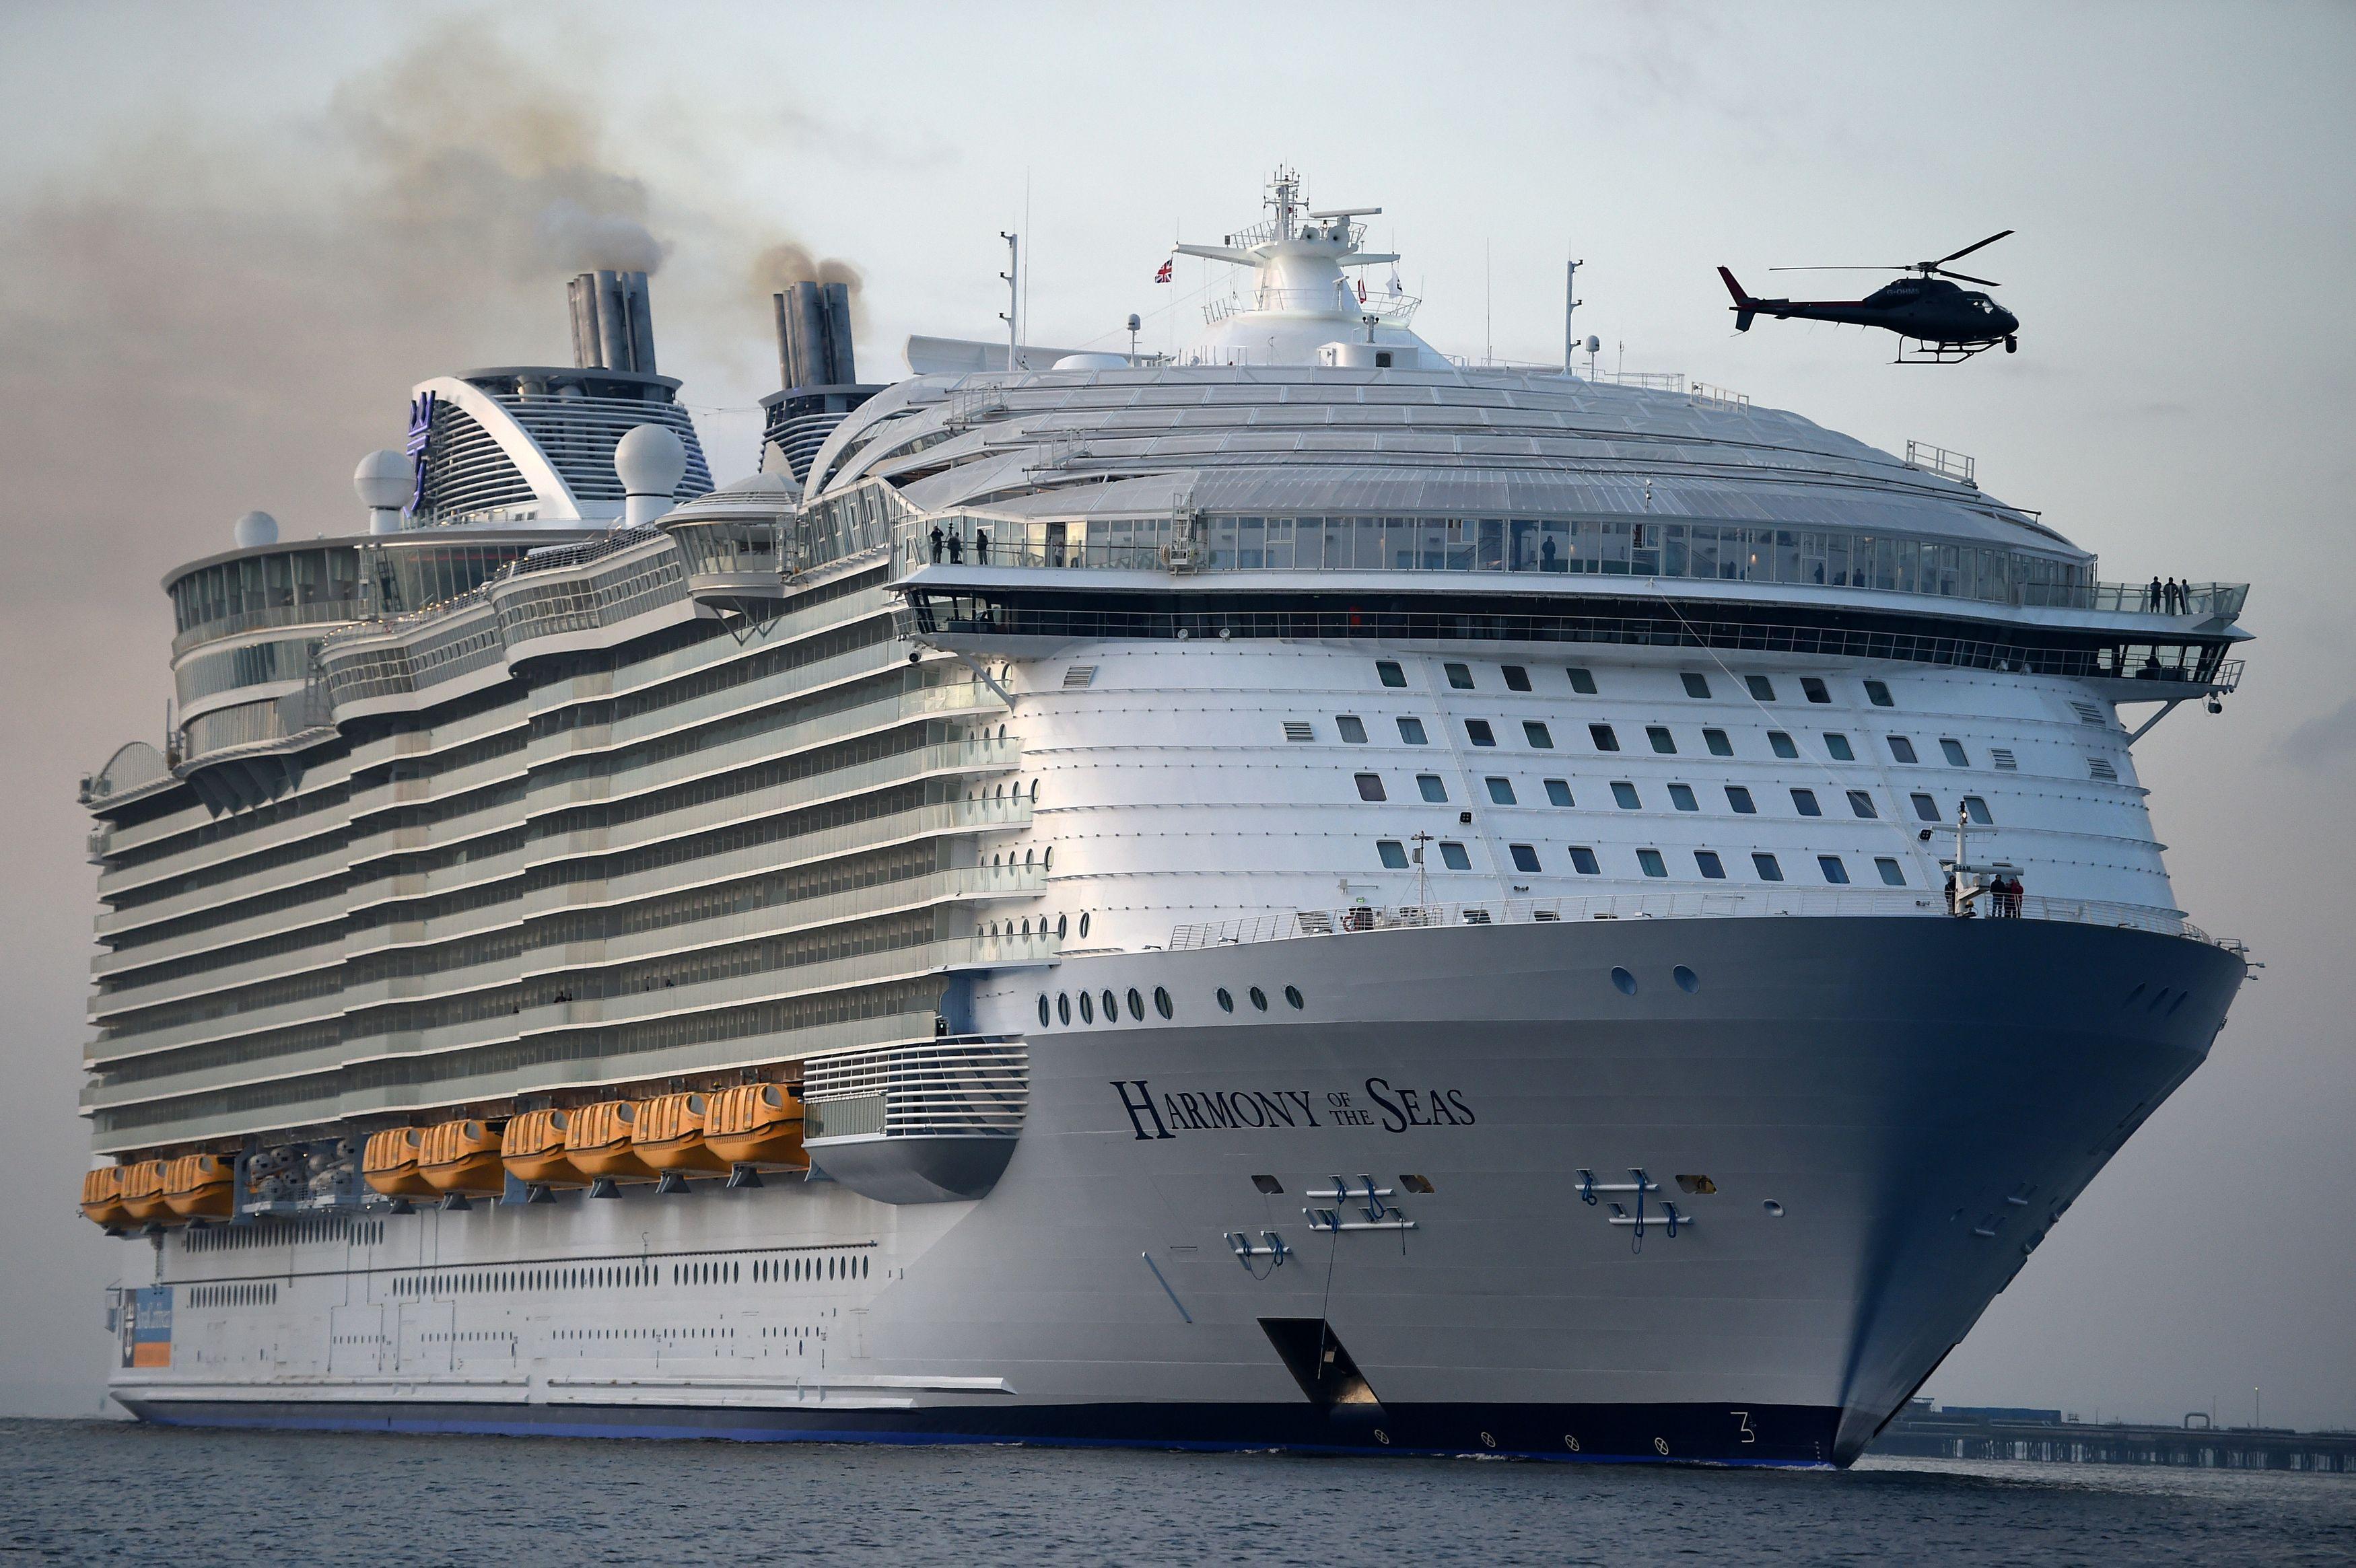 Wypadek na największym statku wycieczkowym świata. Nie żyje jedna osoba, cztery są ranne